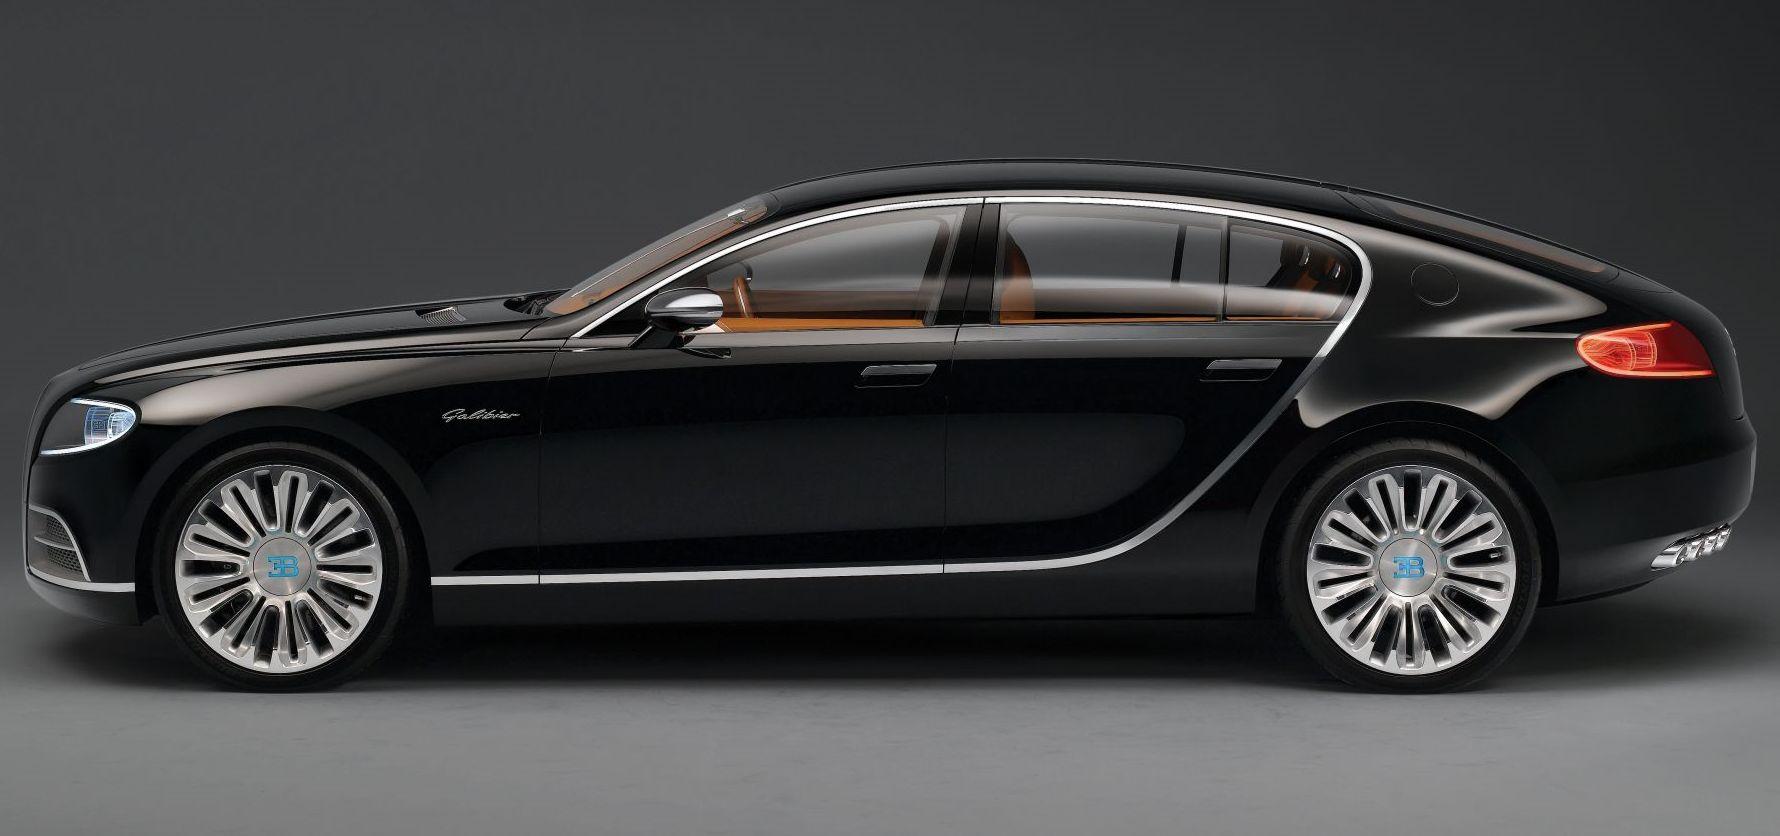 Bugatti 16c Galibier Un Concept Car Bugatti 224 4 Portes 4legend Com Audipassion Com